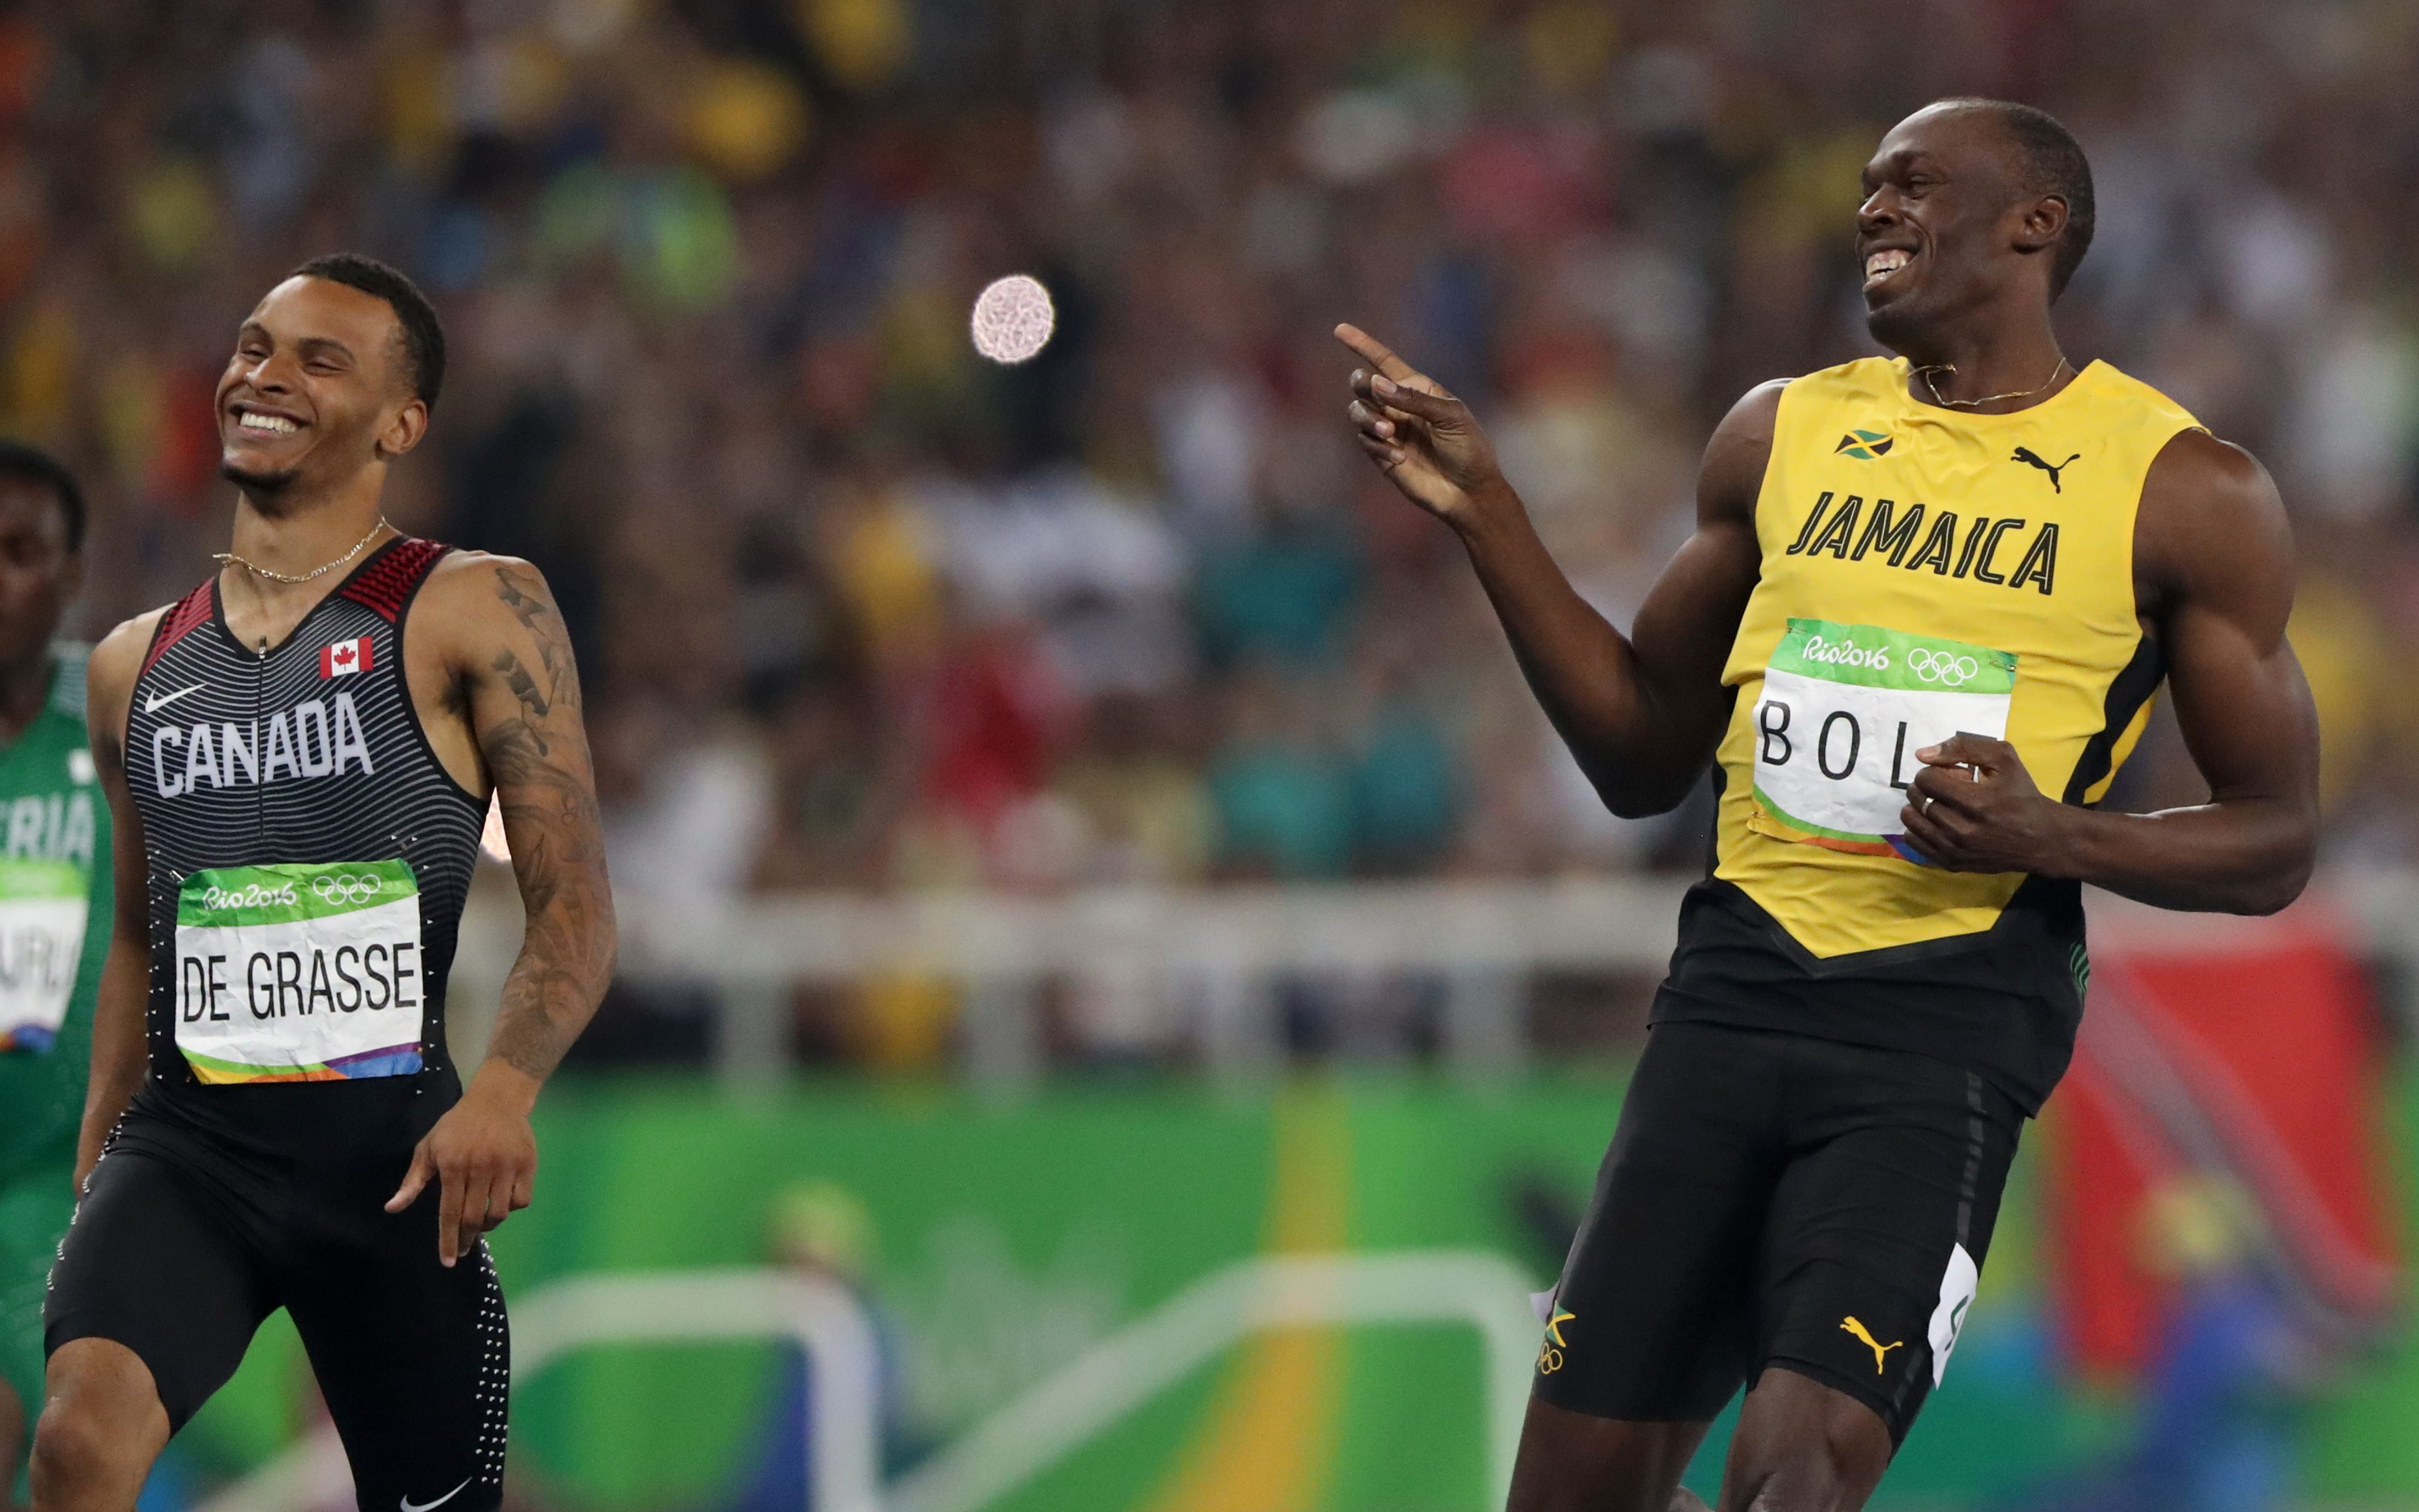 Athletics in jamaica and canada